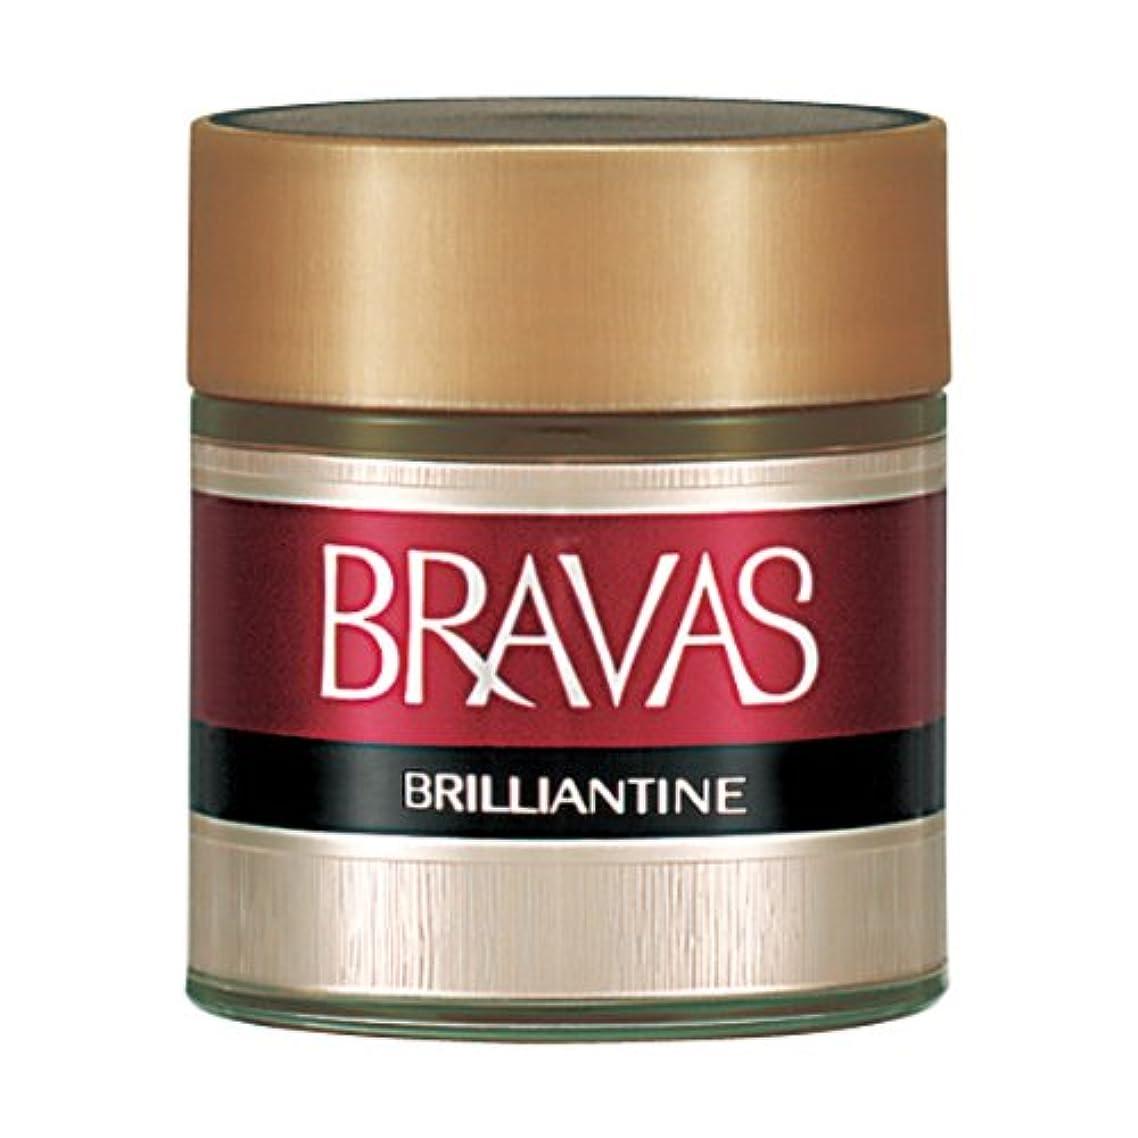 ブラバス ブリランチン 85g